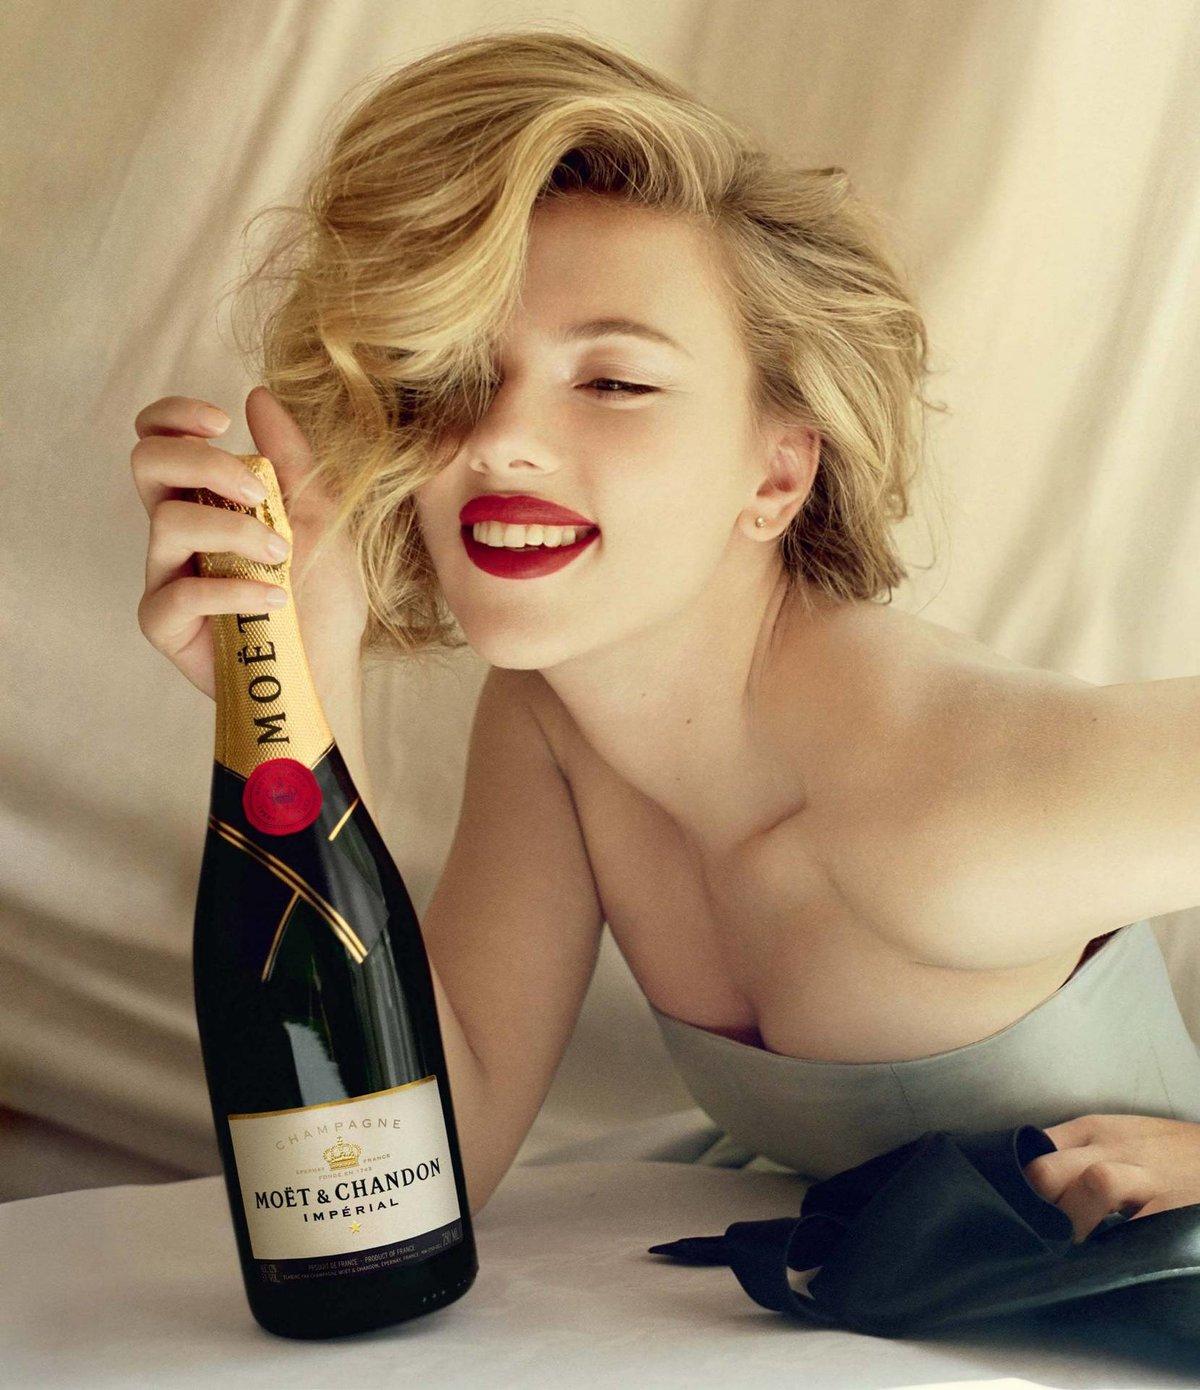 Прикол картинки вино девушка